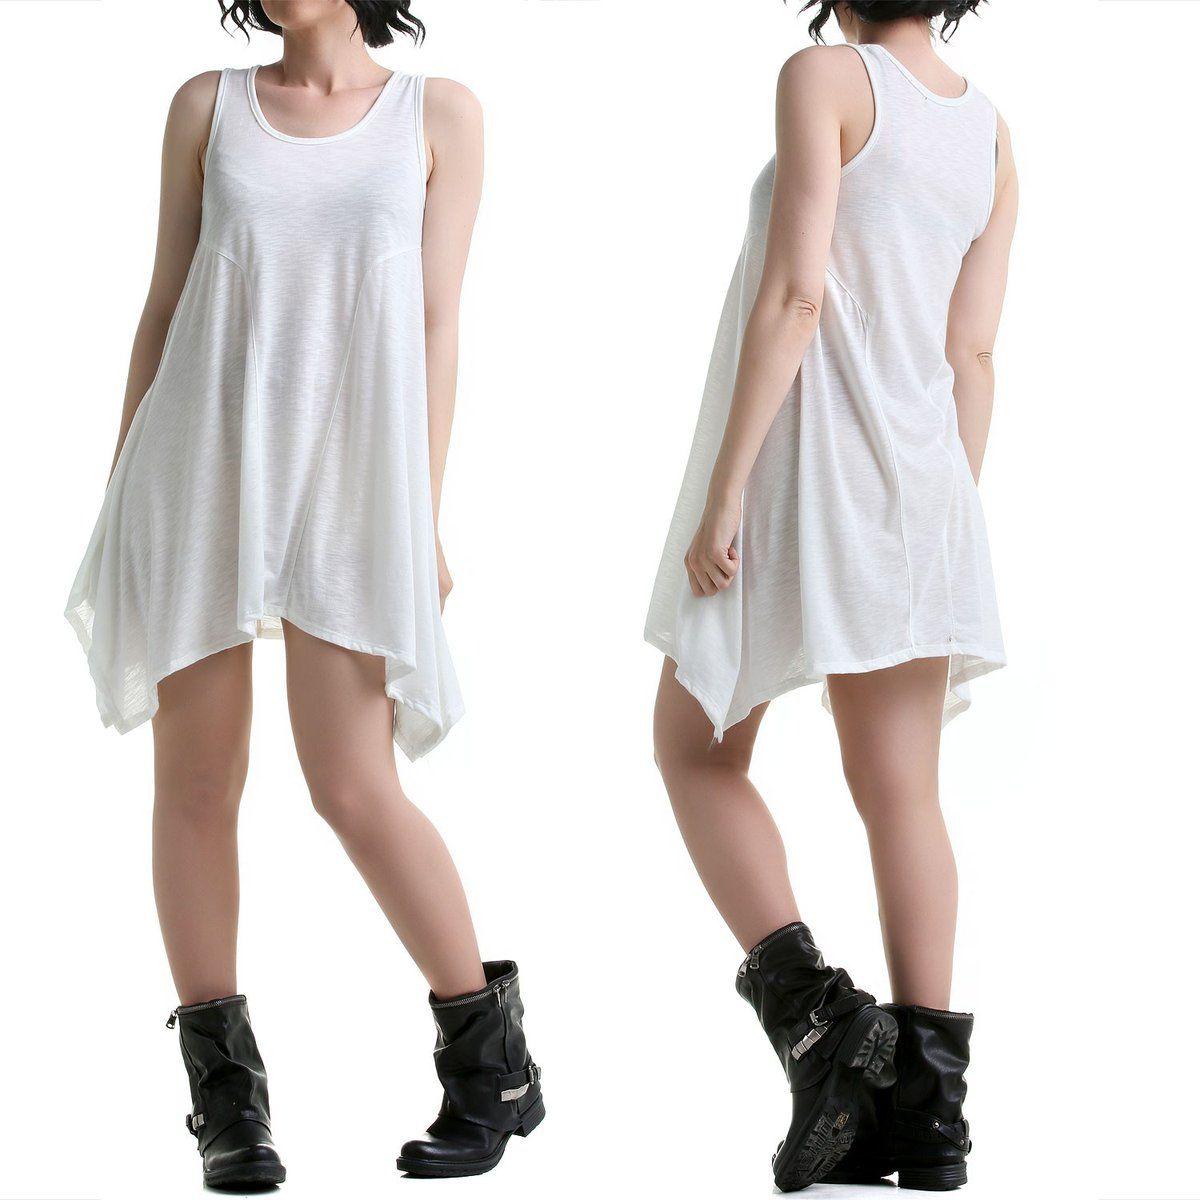 #Vestido #Blanco #Crazyinlove